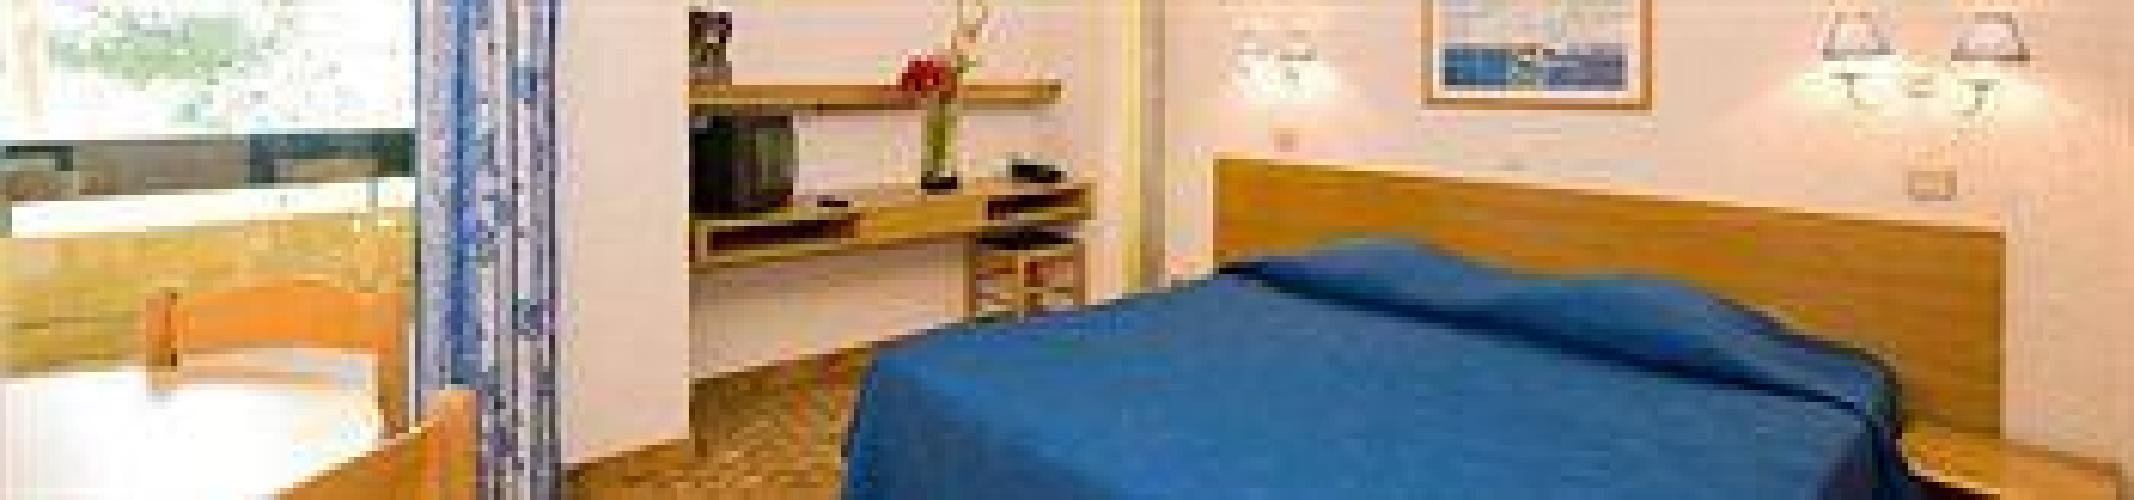 Hotel delcloy vacances bleues nice for Vacances bleues erdeven